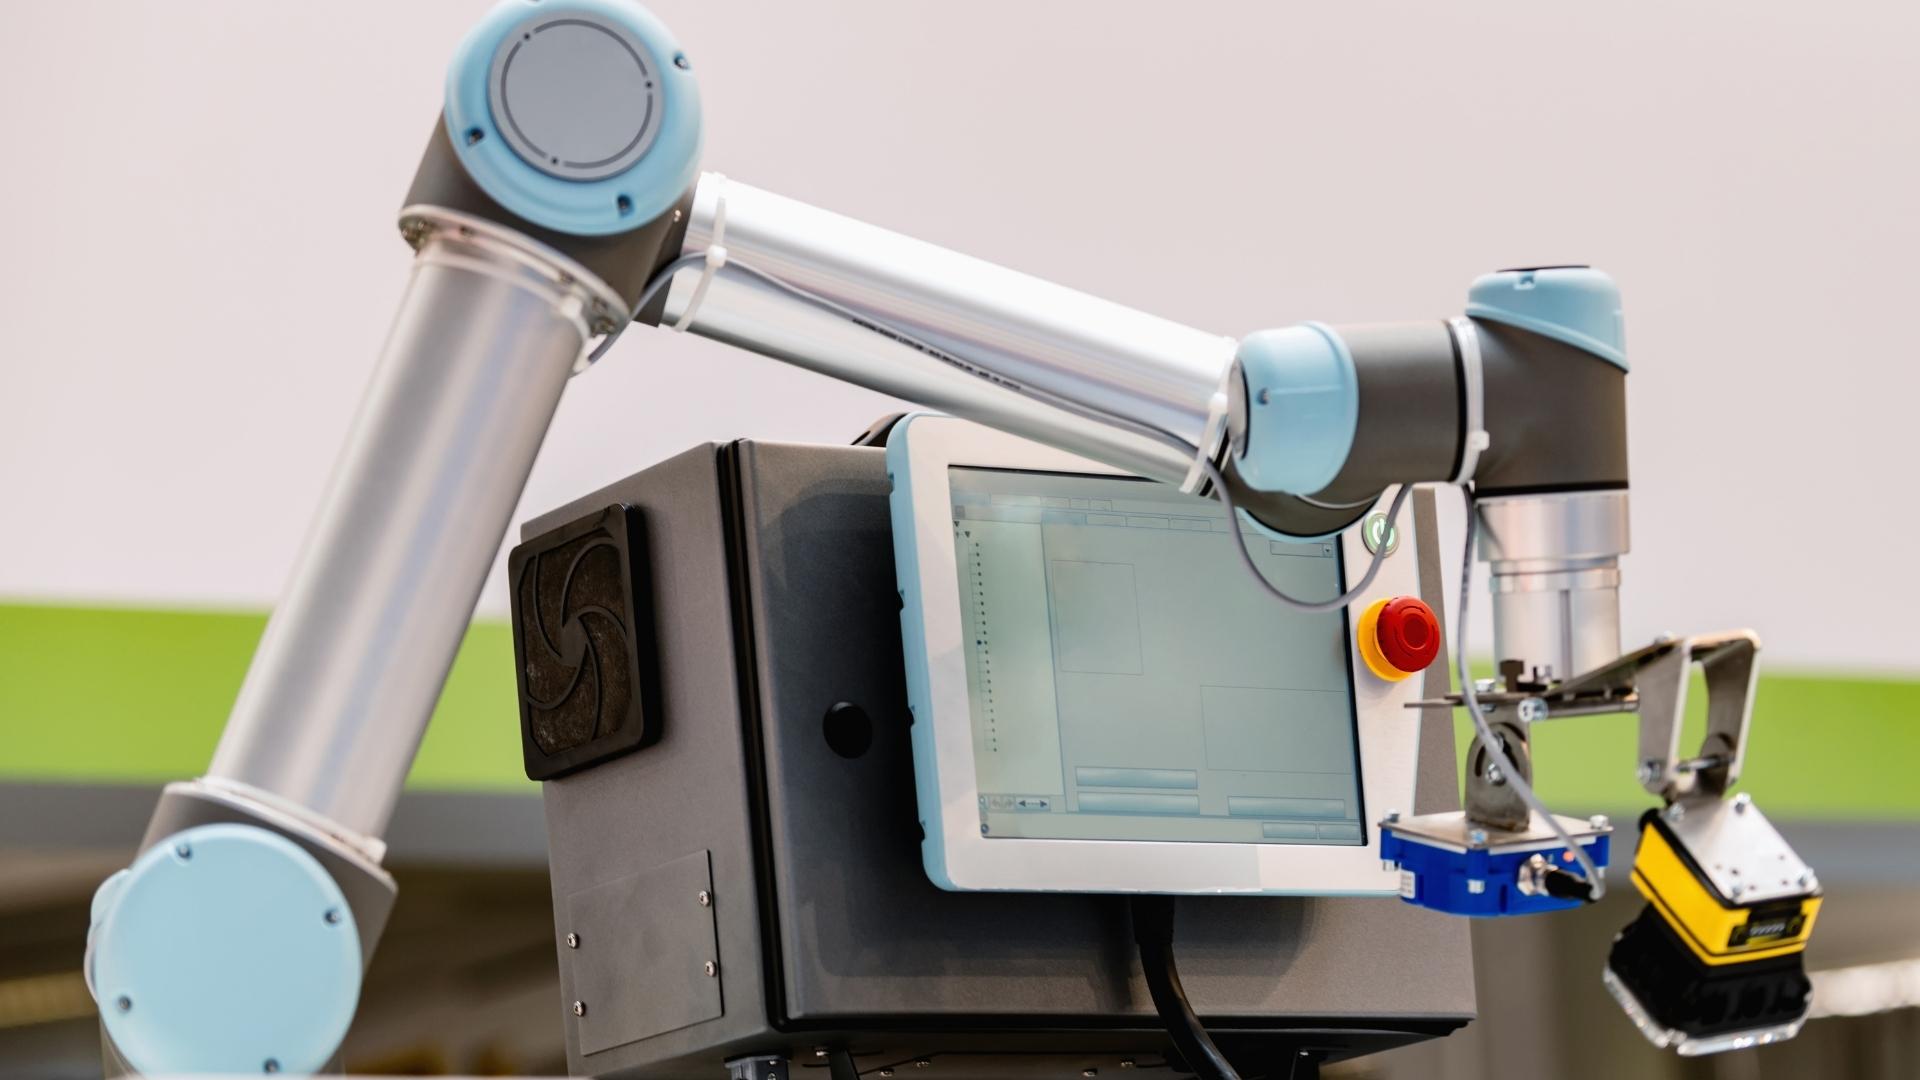 automation and robotics ireland